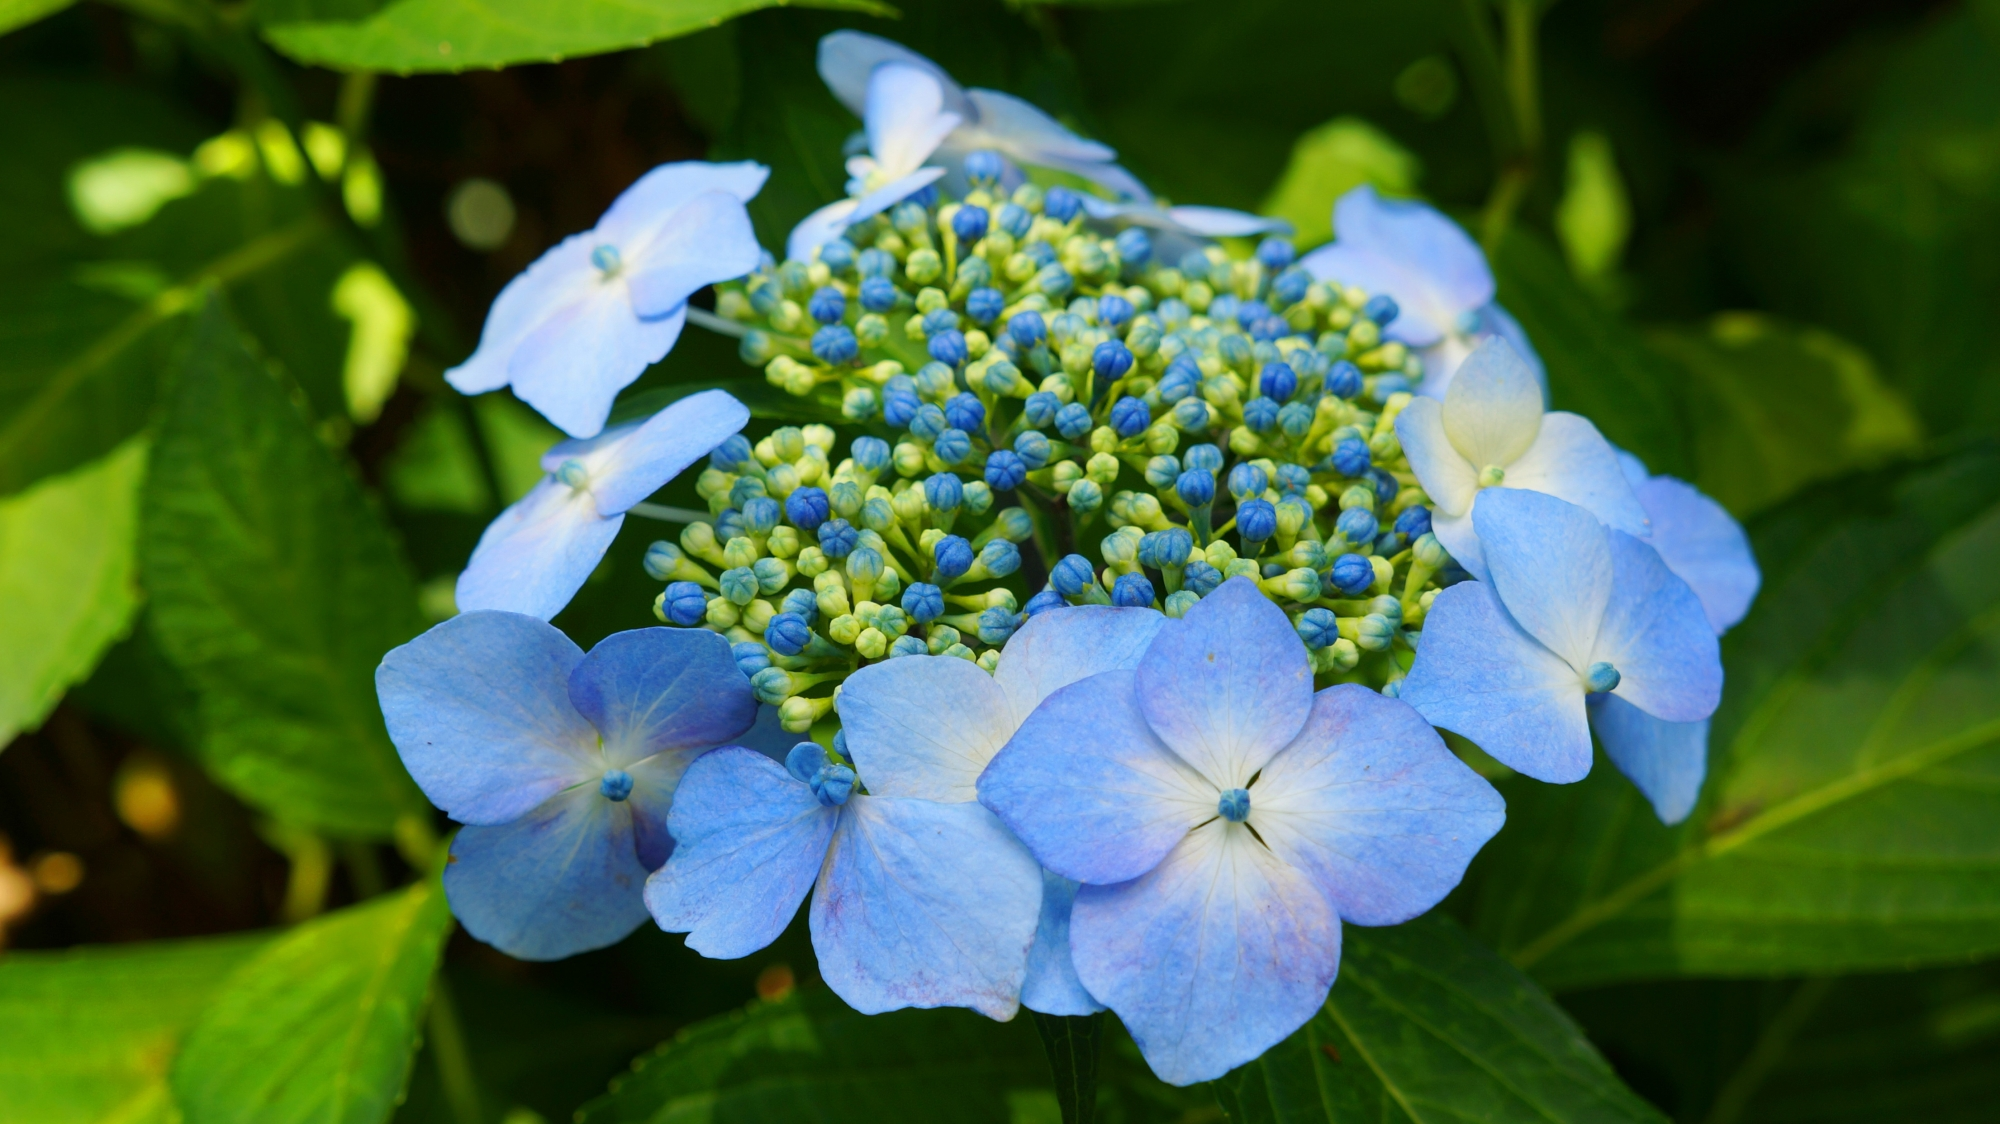 三室戸寺の華やぐ涼しげな淡い水色の額紫陽花